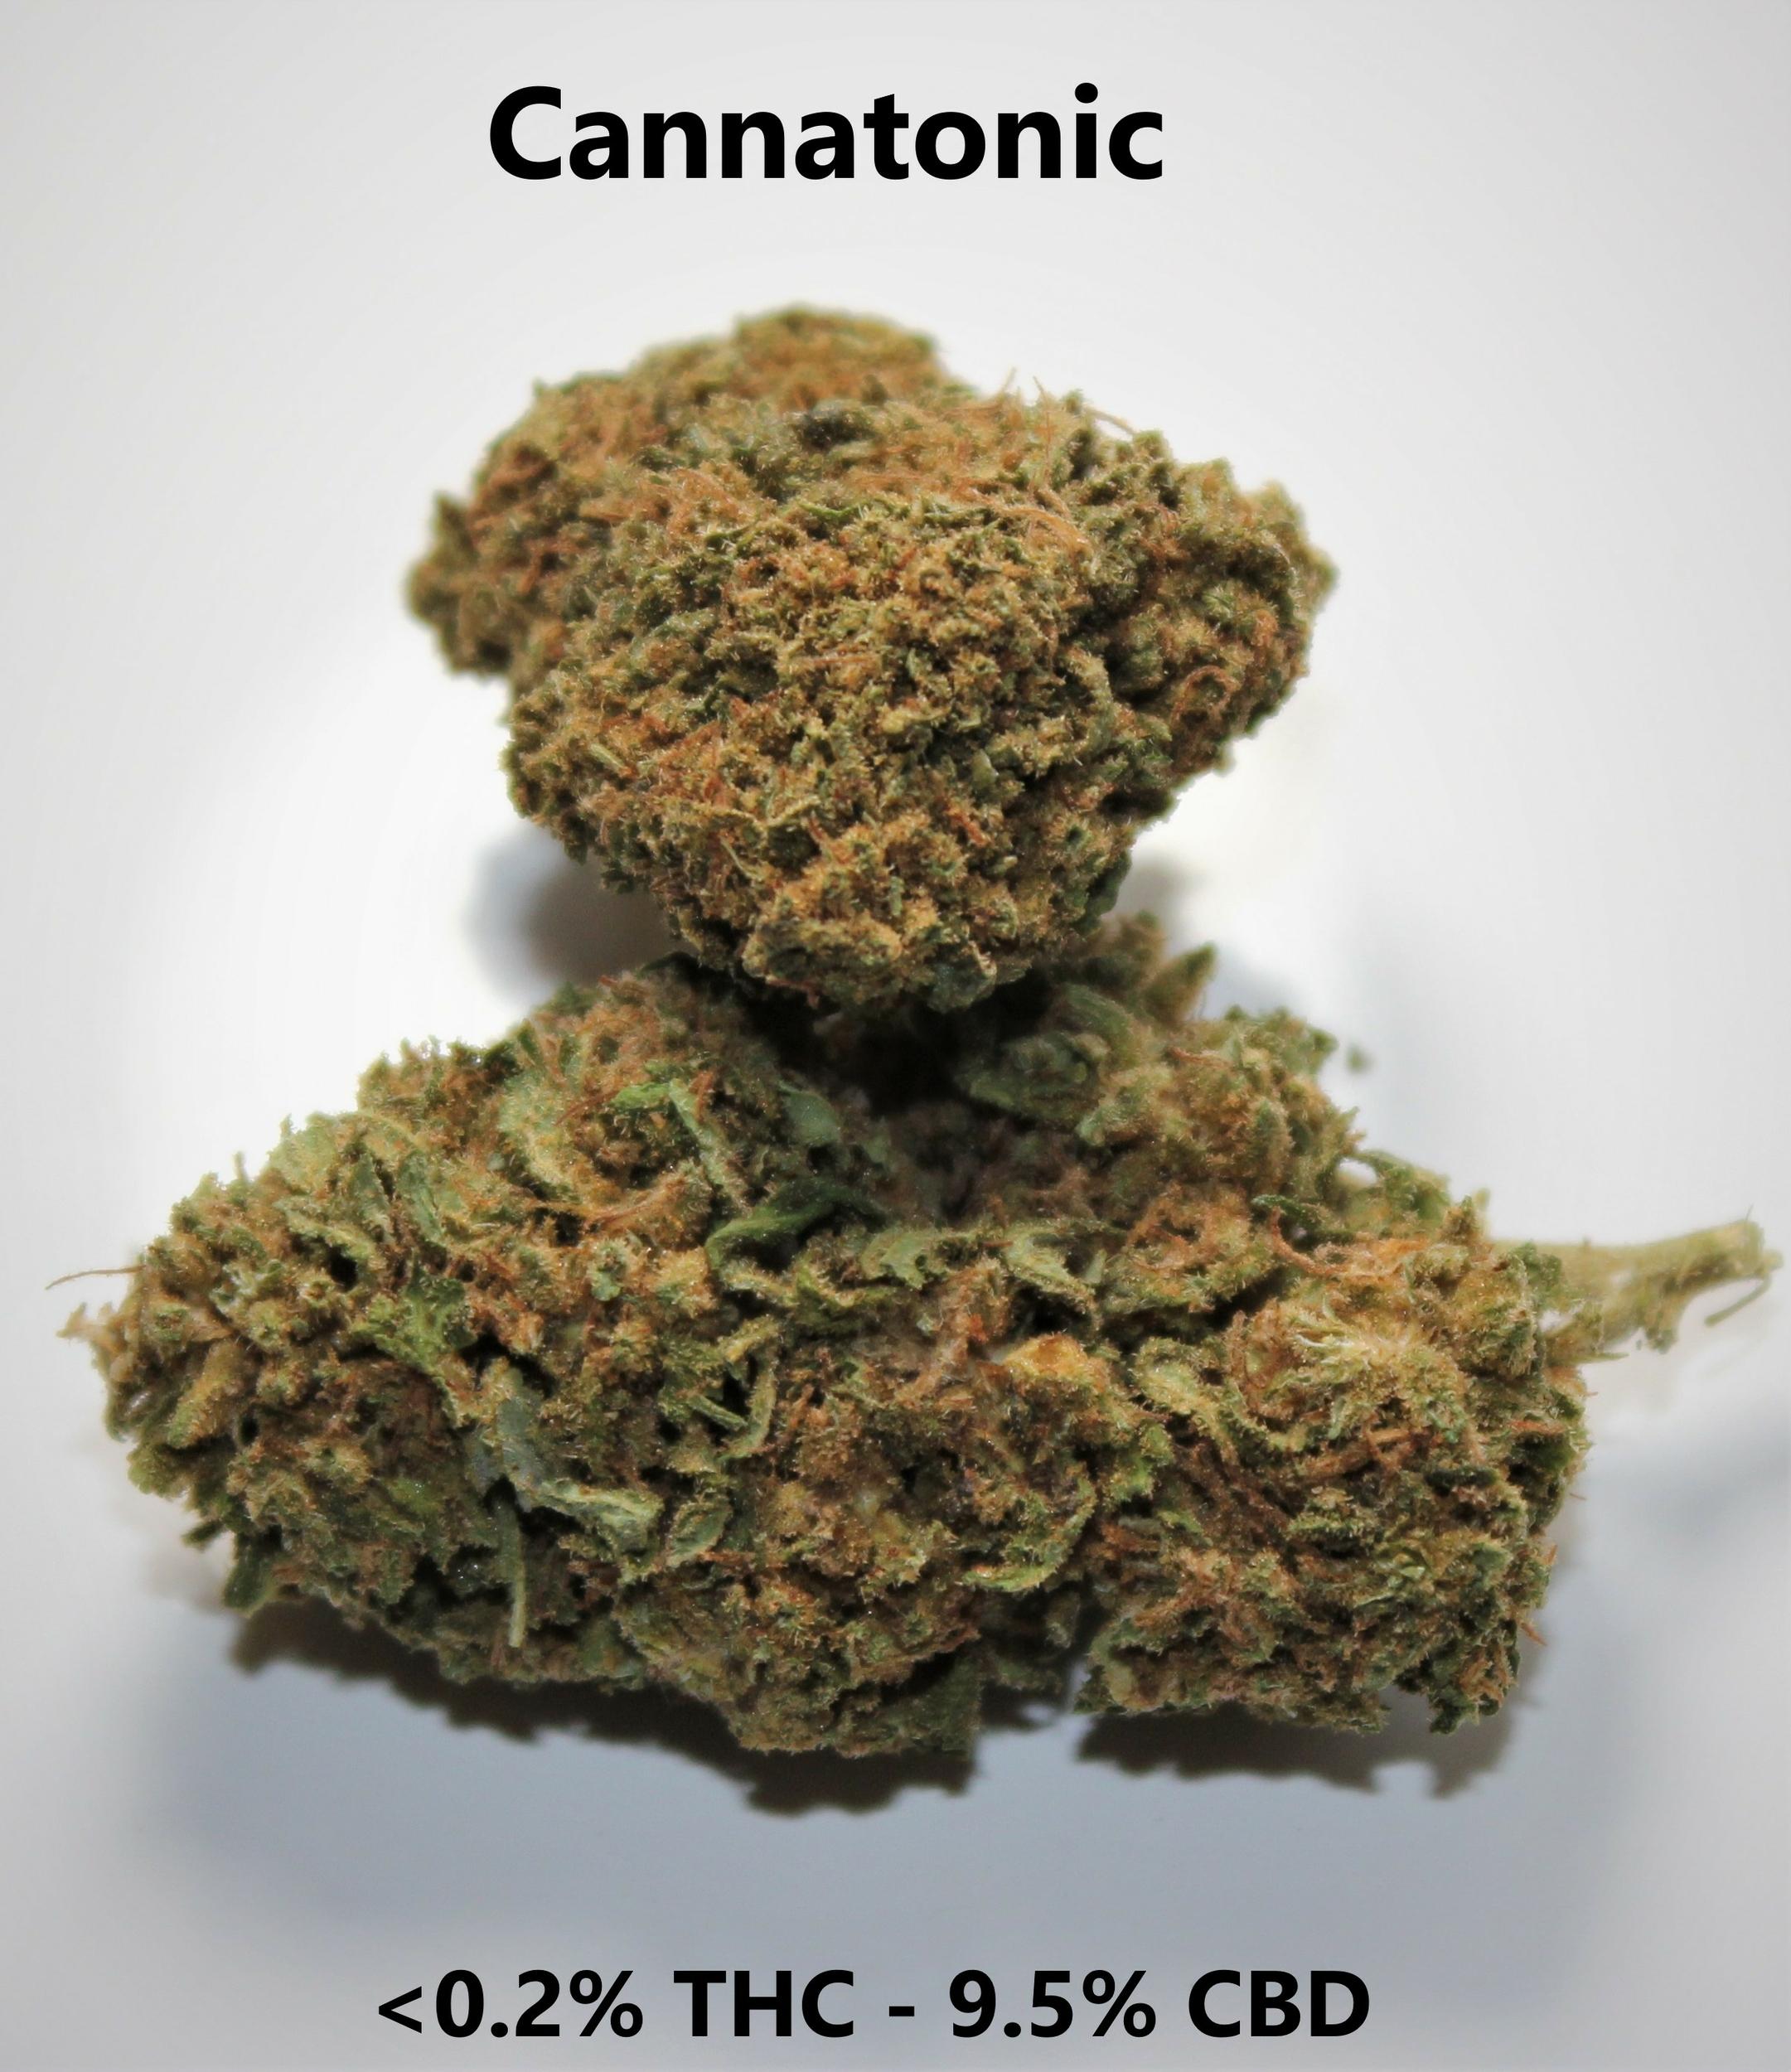 Cannatonic - <0.2% THC / 7% CBD